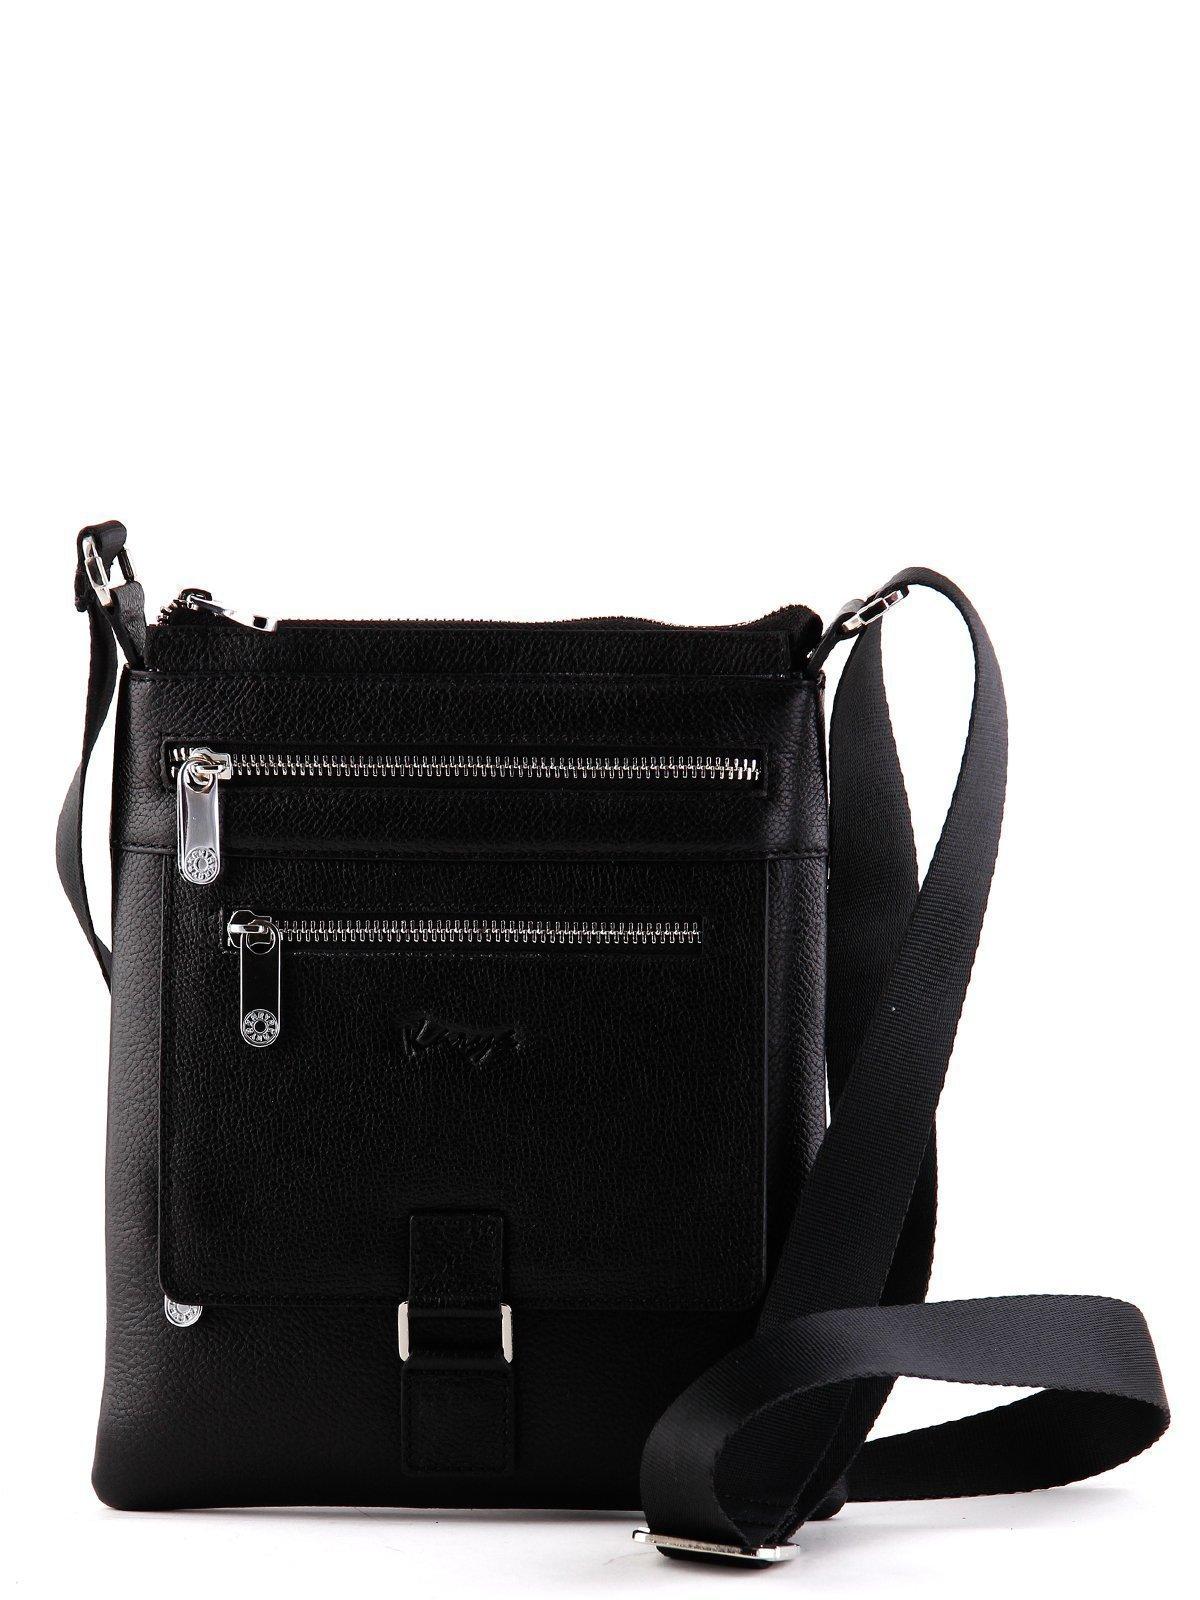 caad89e47f61 Чёрная сумка планшет Karya